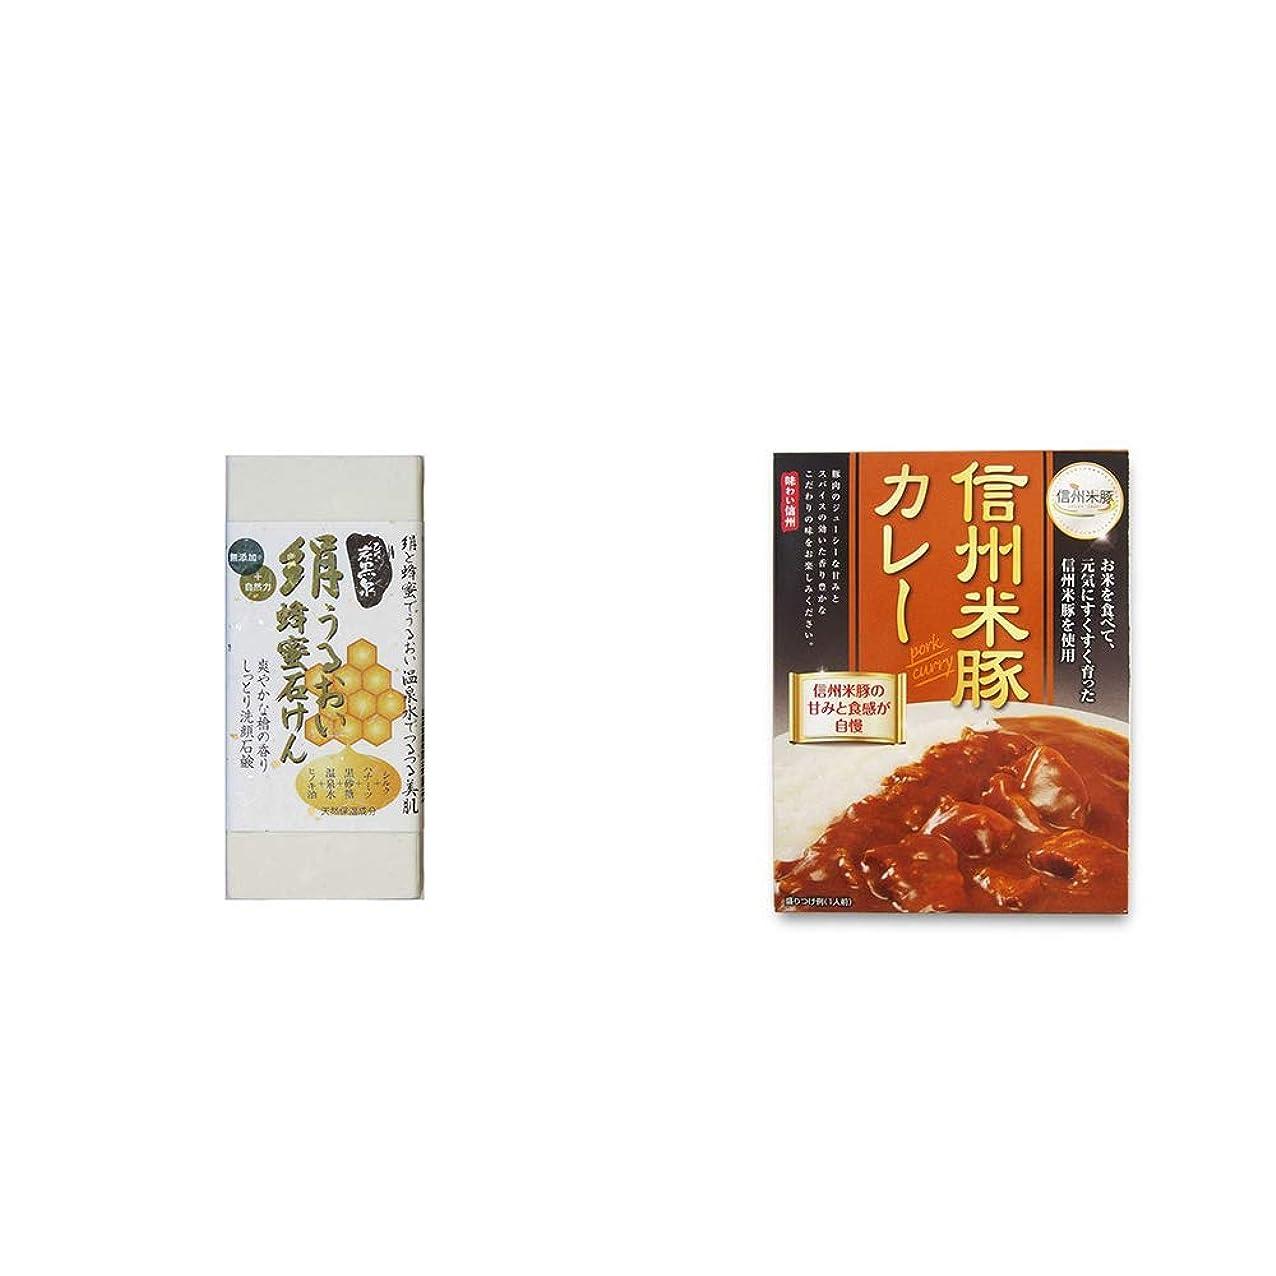 臭いケーキリッチ[2点セット] ひのき炭黒泉 絹うるおい蜂蜜石けん(75g×2)?信州米豚カレー(1食分)